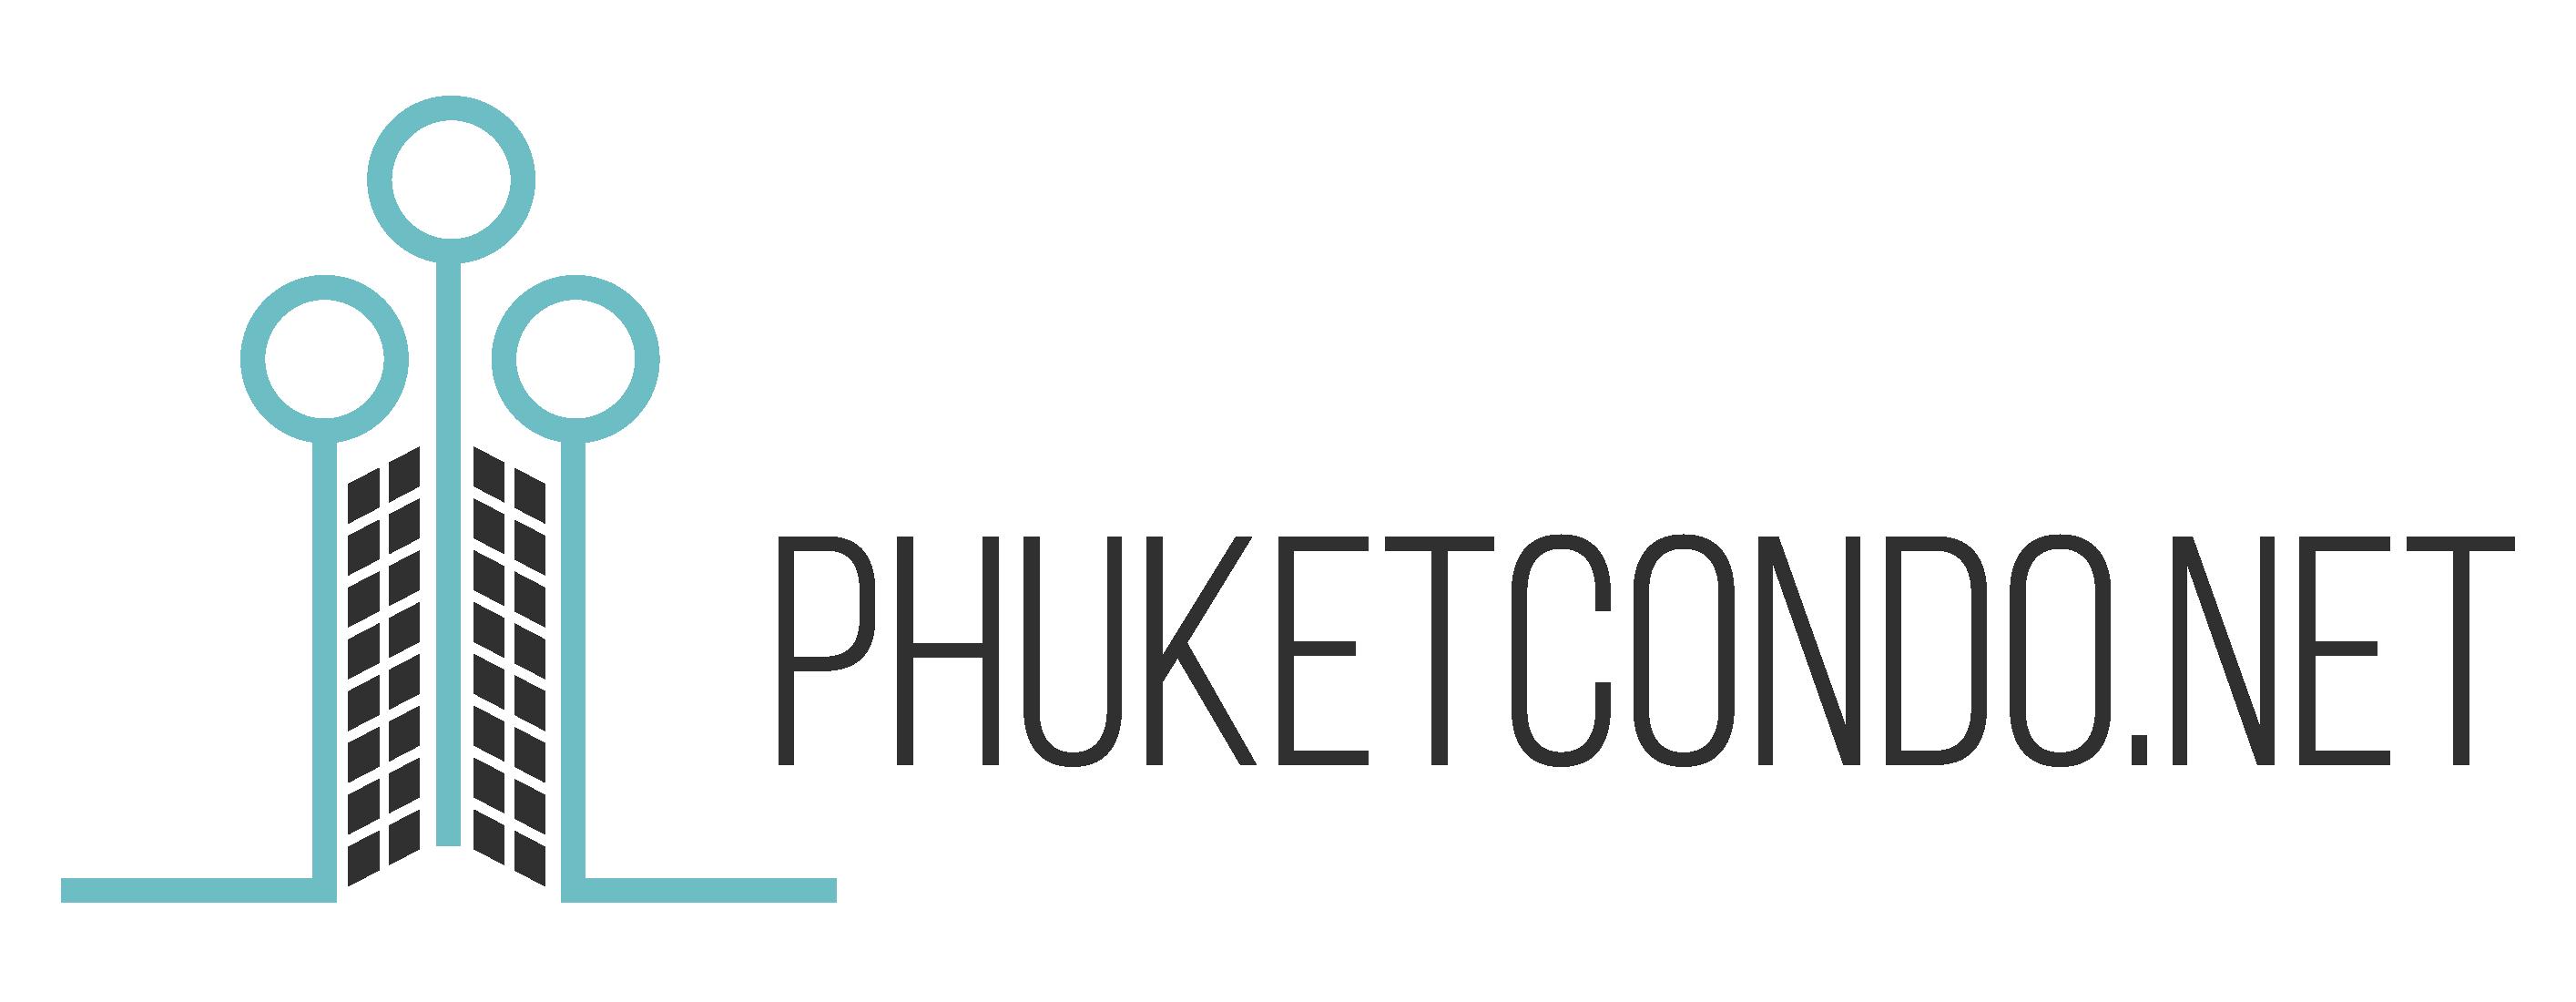 Phuket Condo .net Logo